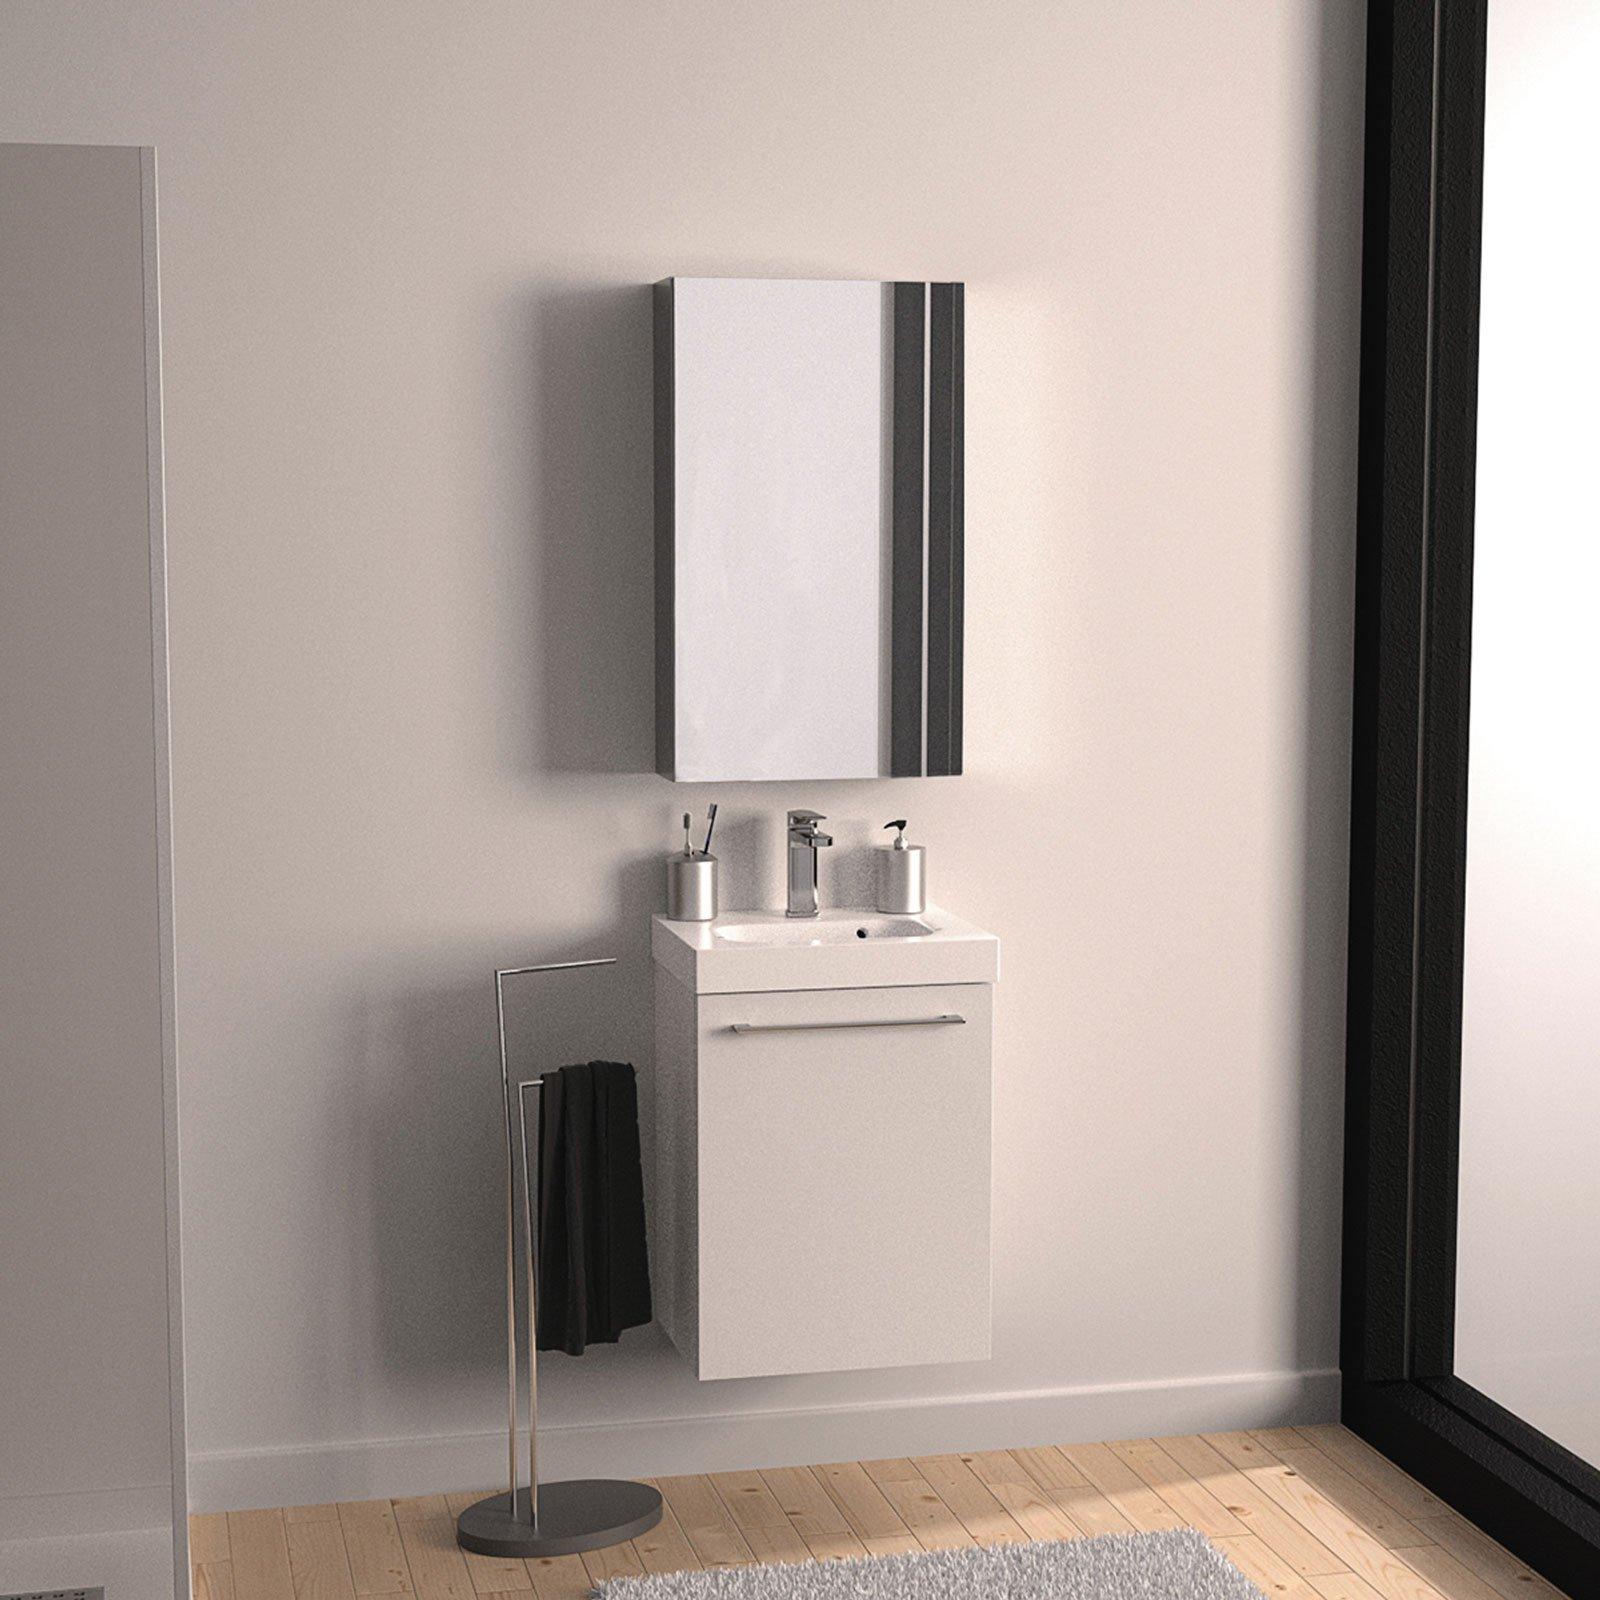 Mobili lavabo piccoli. Per risparmiare centimetri preziosi - Cose di ...